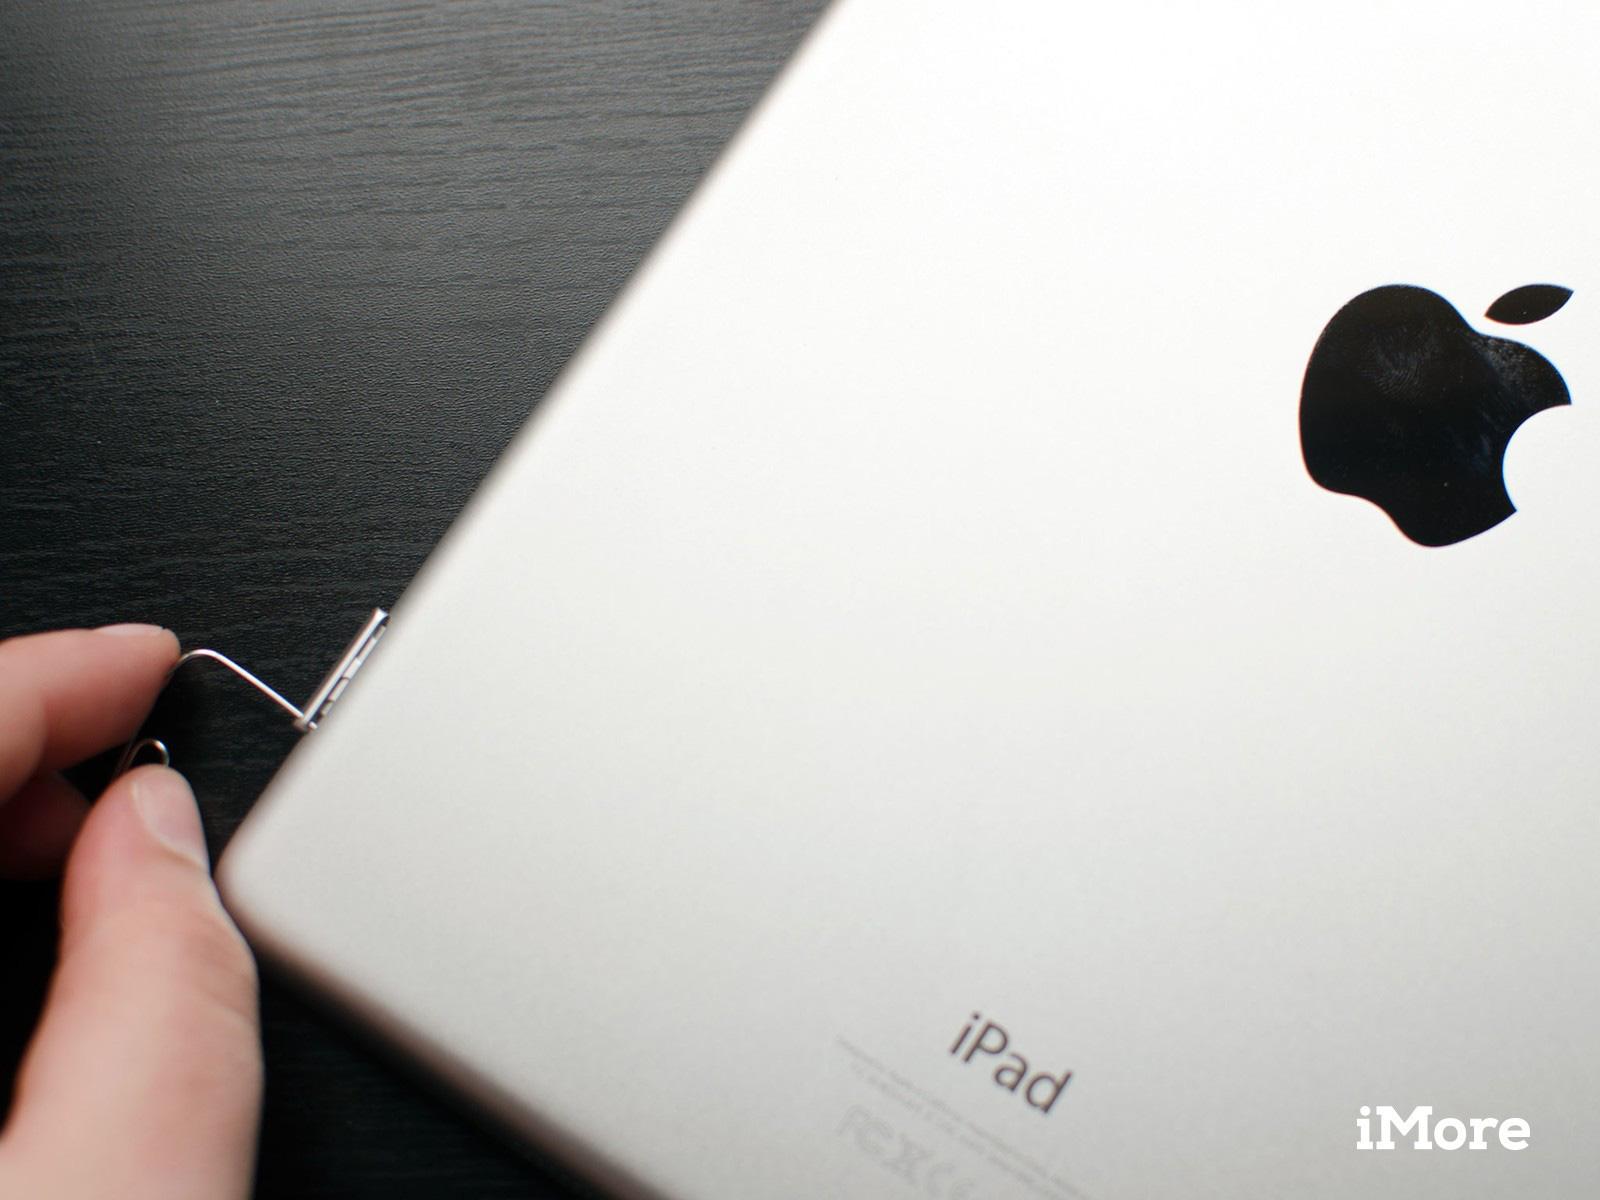 May-tinh-bang-gia-re-Chon-iPad-cu-hay-cac-dong-Android-Tablet-moi-4